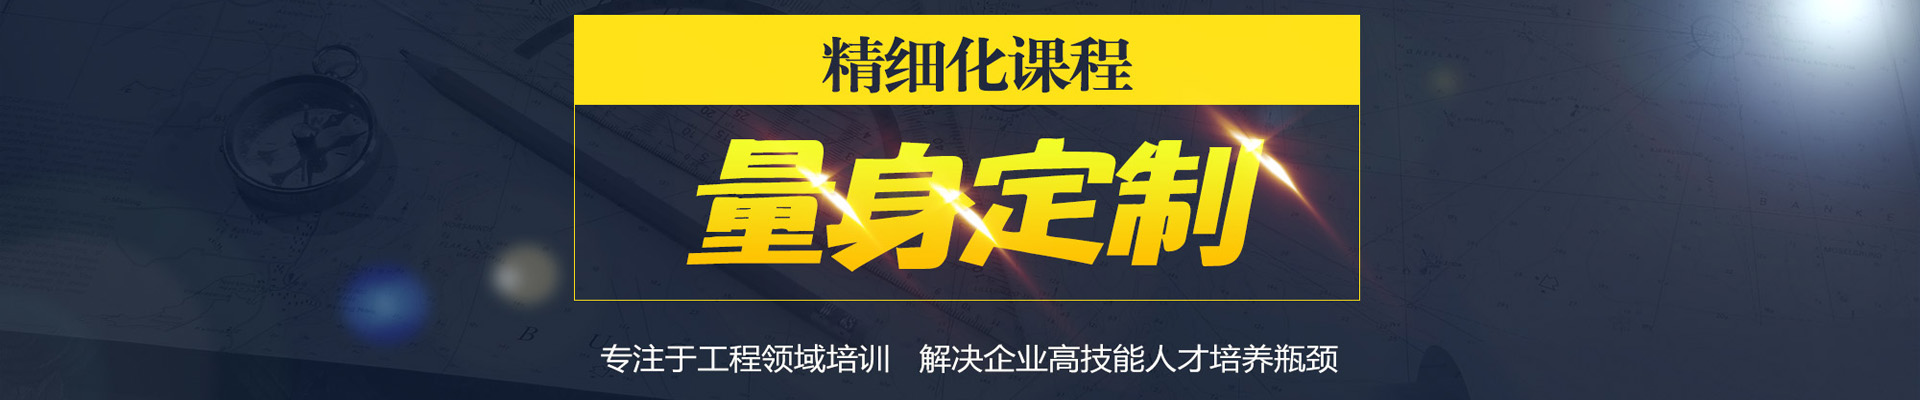 广东清远优路教育培训学校